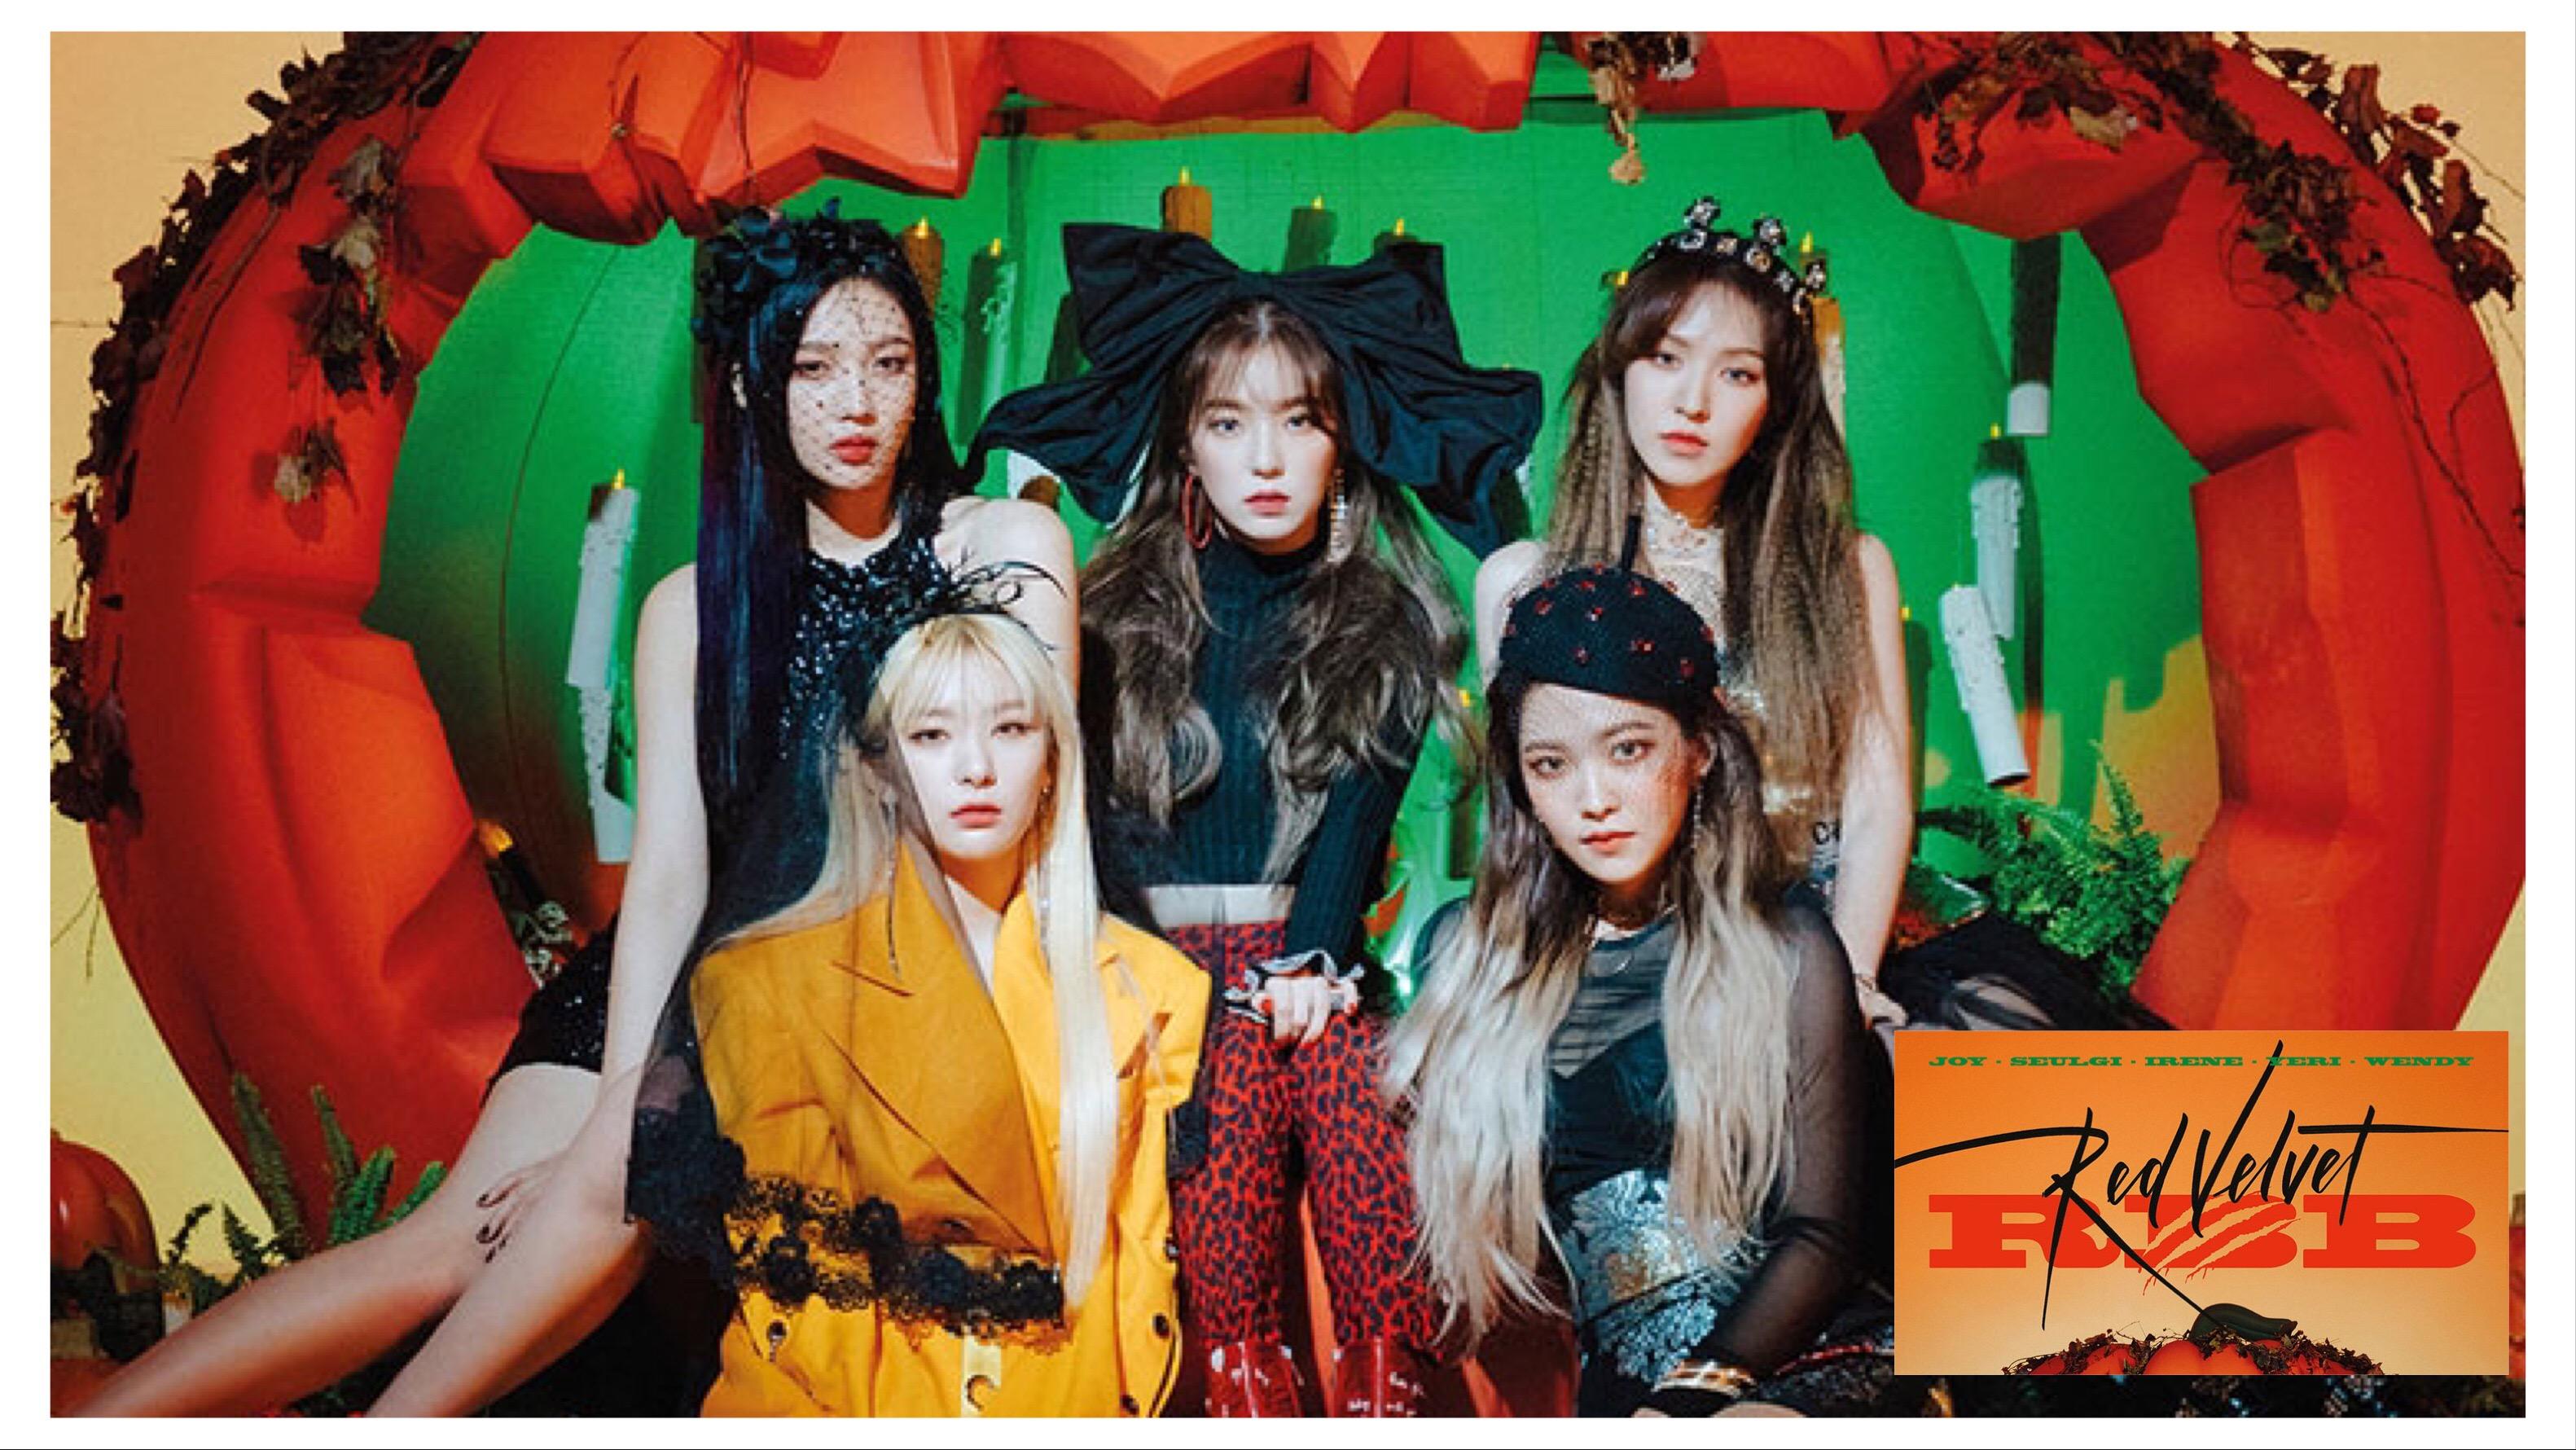 Red Velvet RBB 5 mini álbum | SM Entertaiment